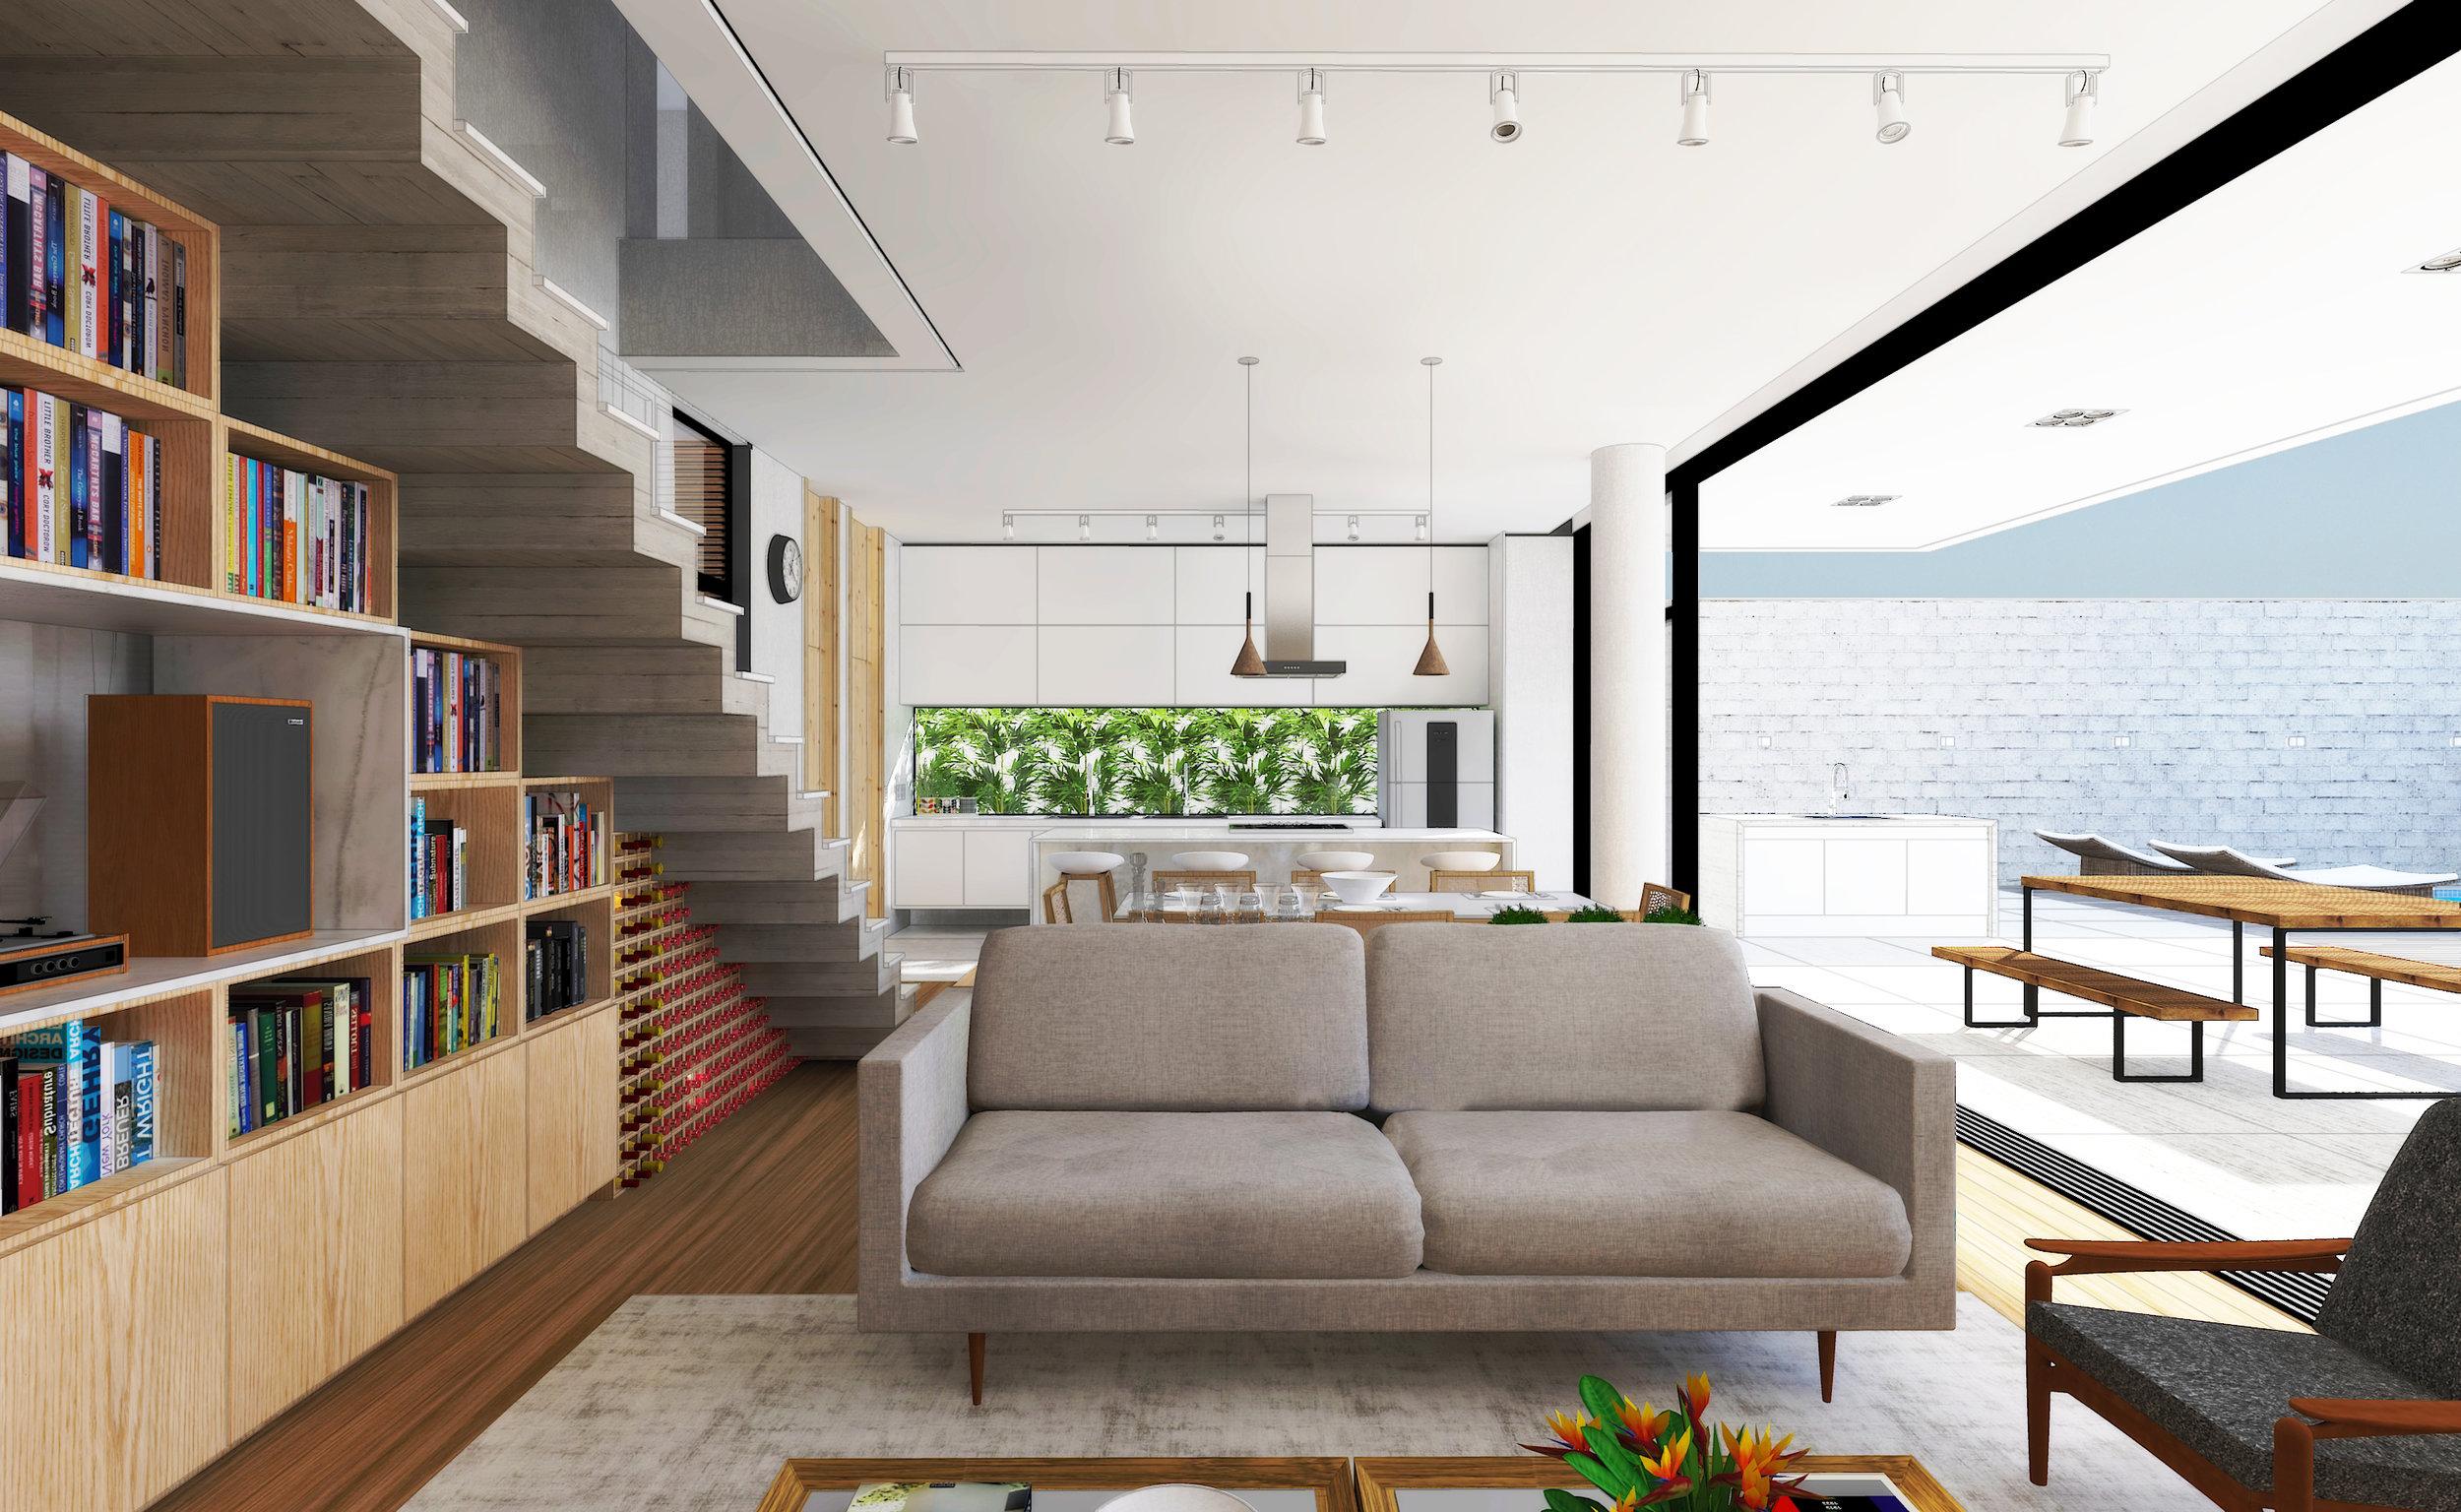 Interiores da Residência NL, veja mais sobre o projeto clicando  AQUI